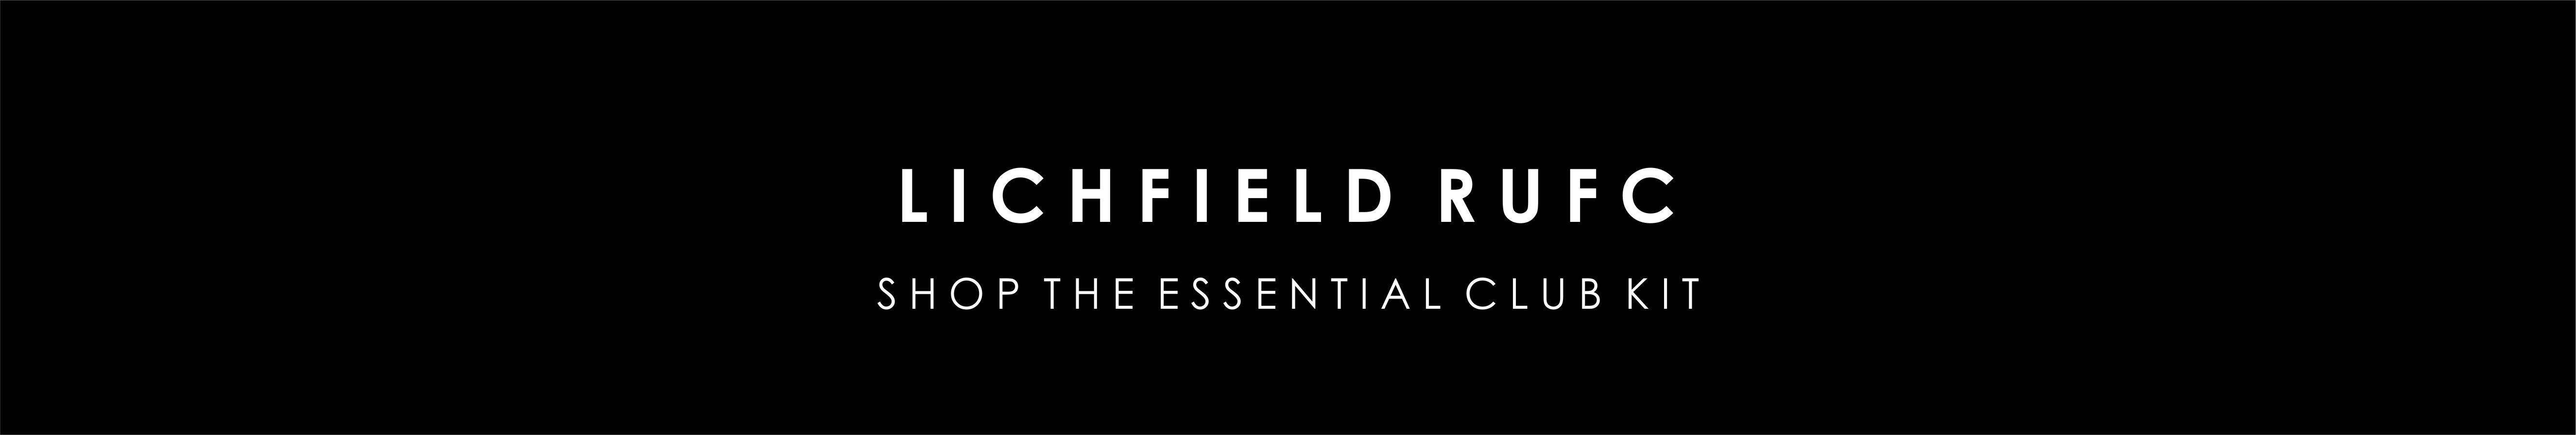 lichfield-front-banner.jpg